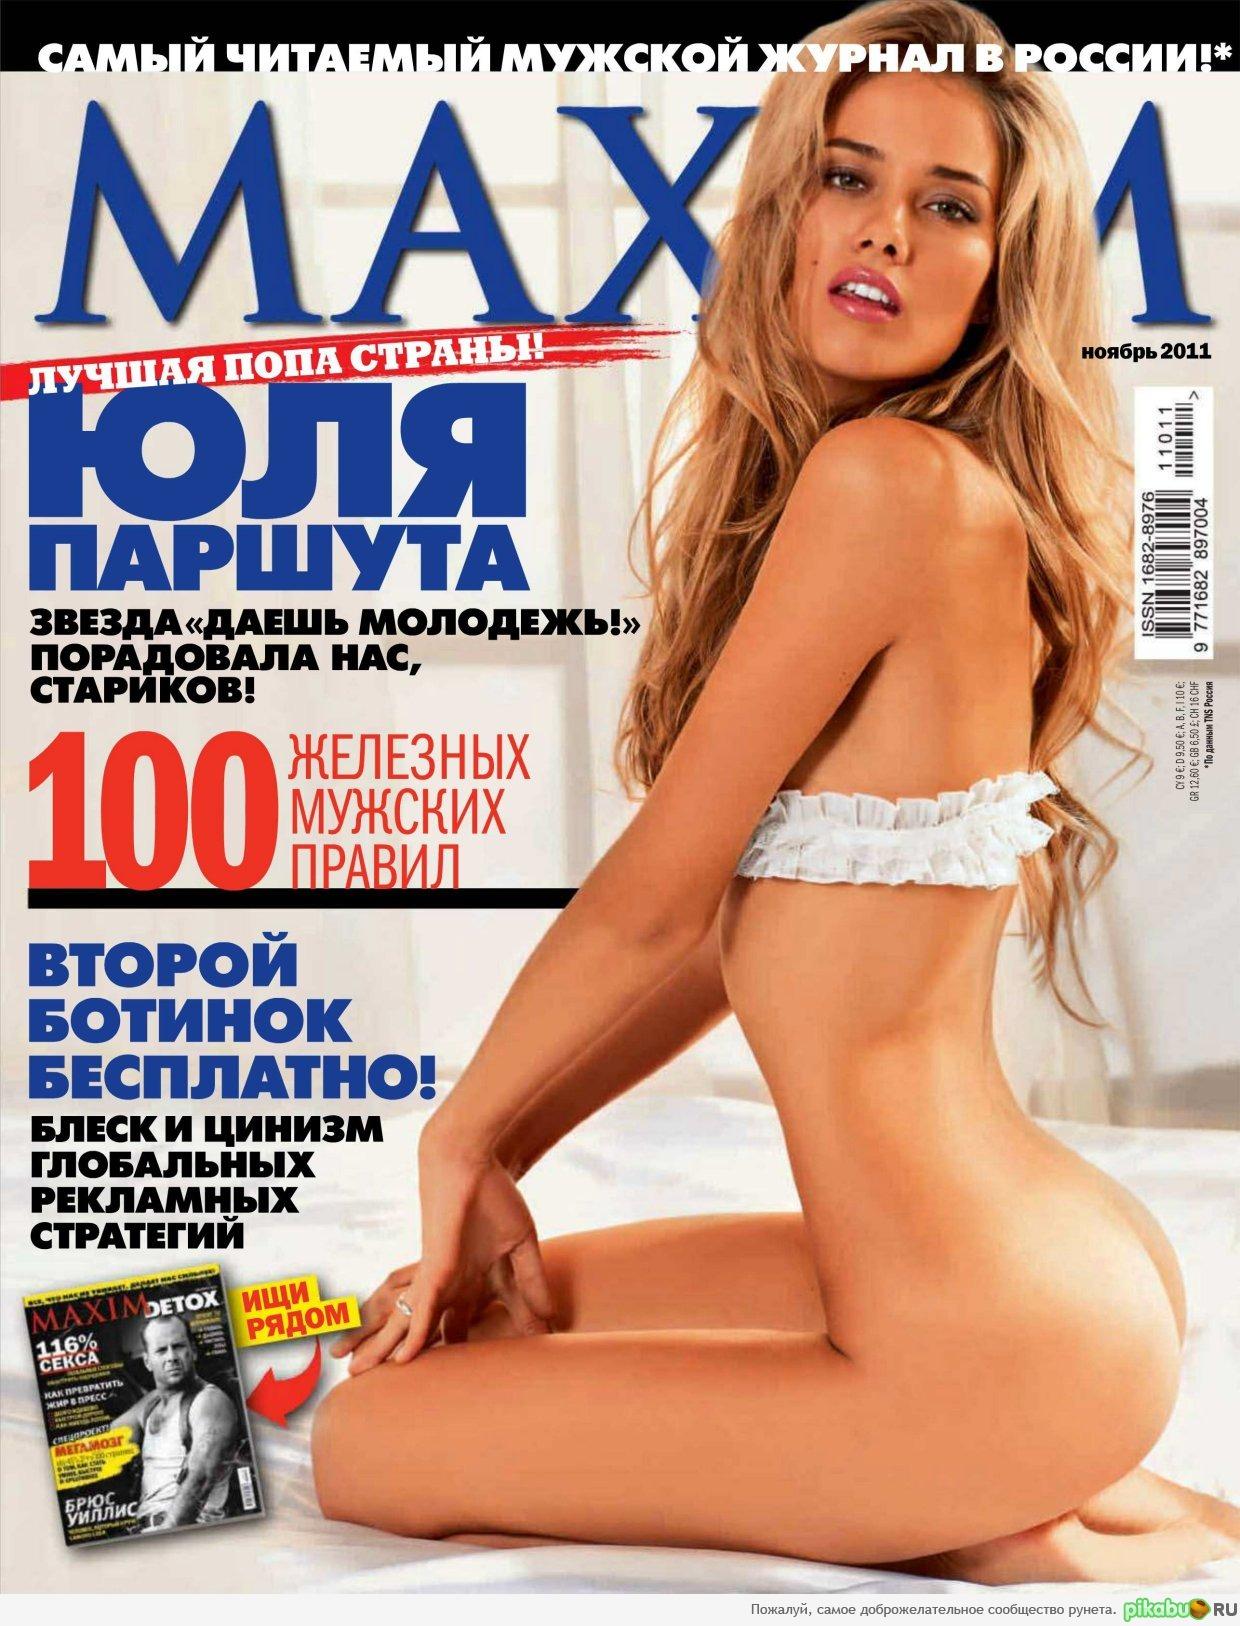 Юля паршута sex 7 фотография